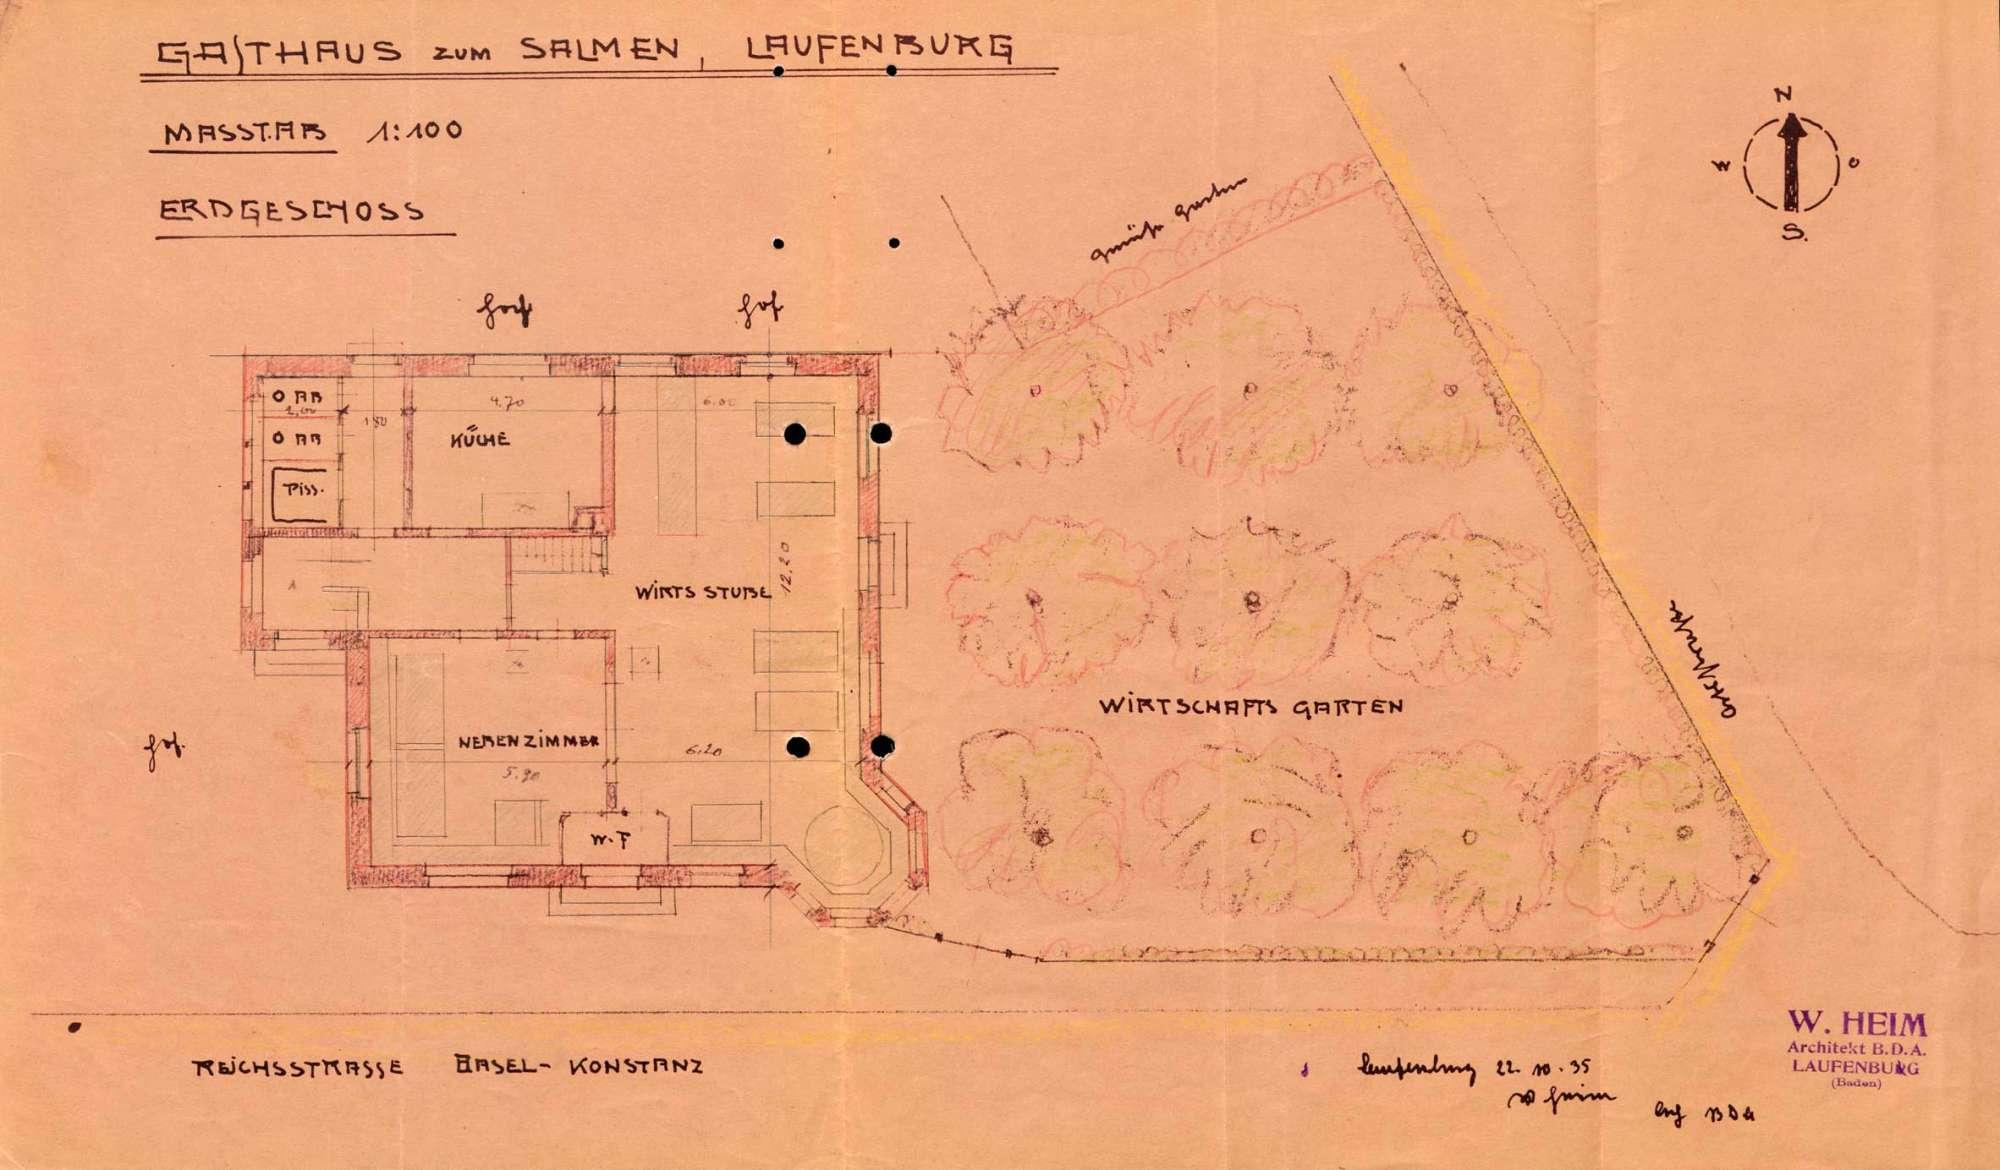 Konzessionierung und Betrieb des Gasthauses Zum Salmen in Kleinlaufenburg bzw. Laufenburg (Baden), Bild 1